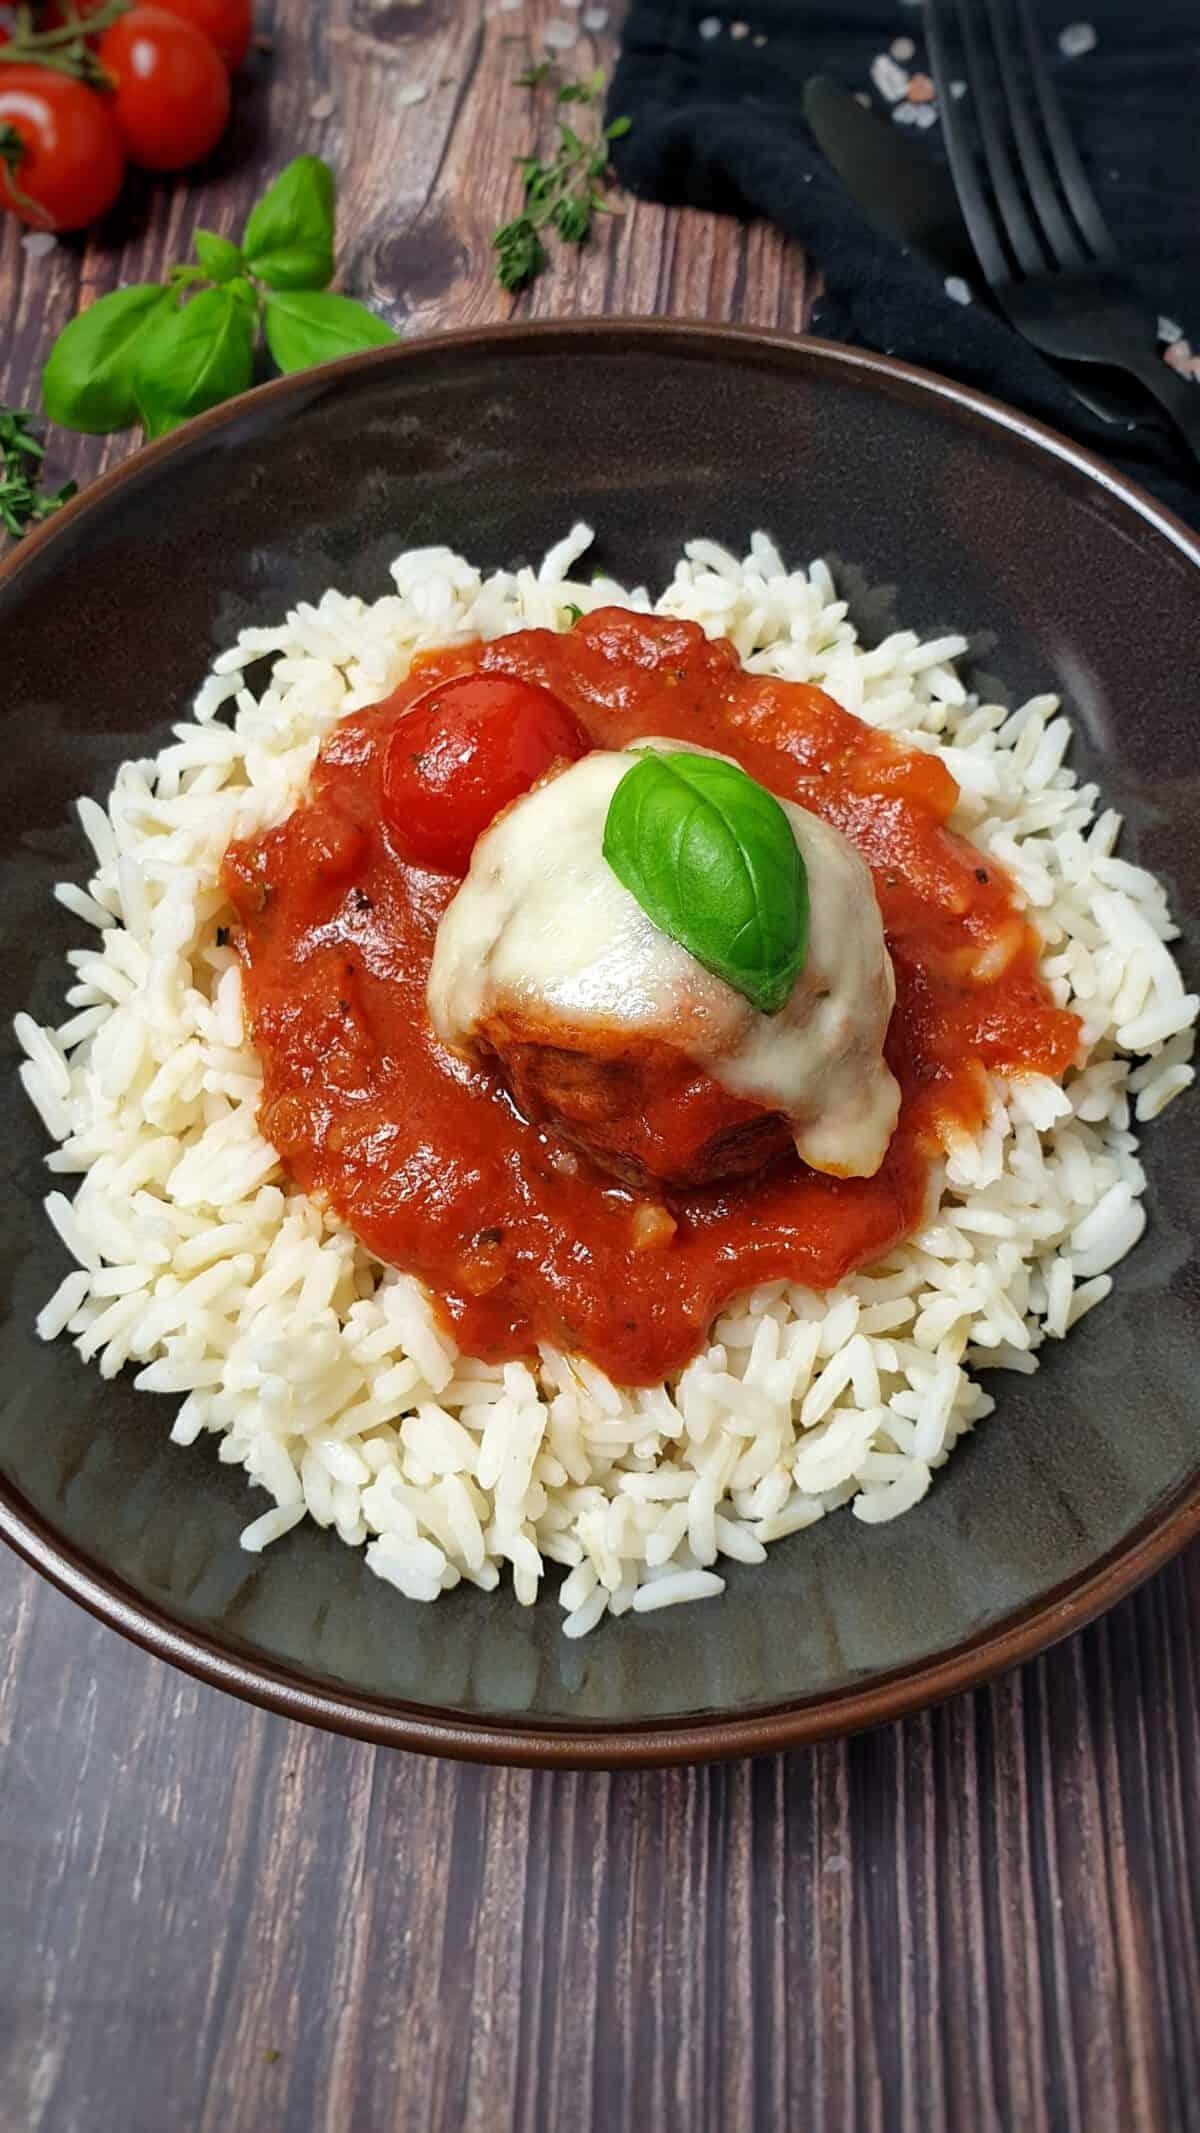 Hackfleischbällchen in Tomatensoße mit Mozzarella überbacken auf Reis angerichtet.